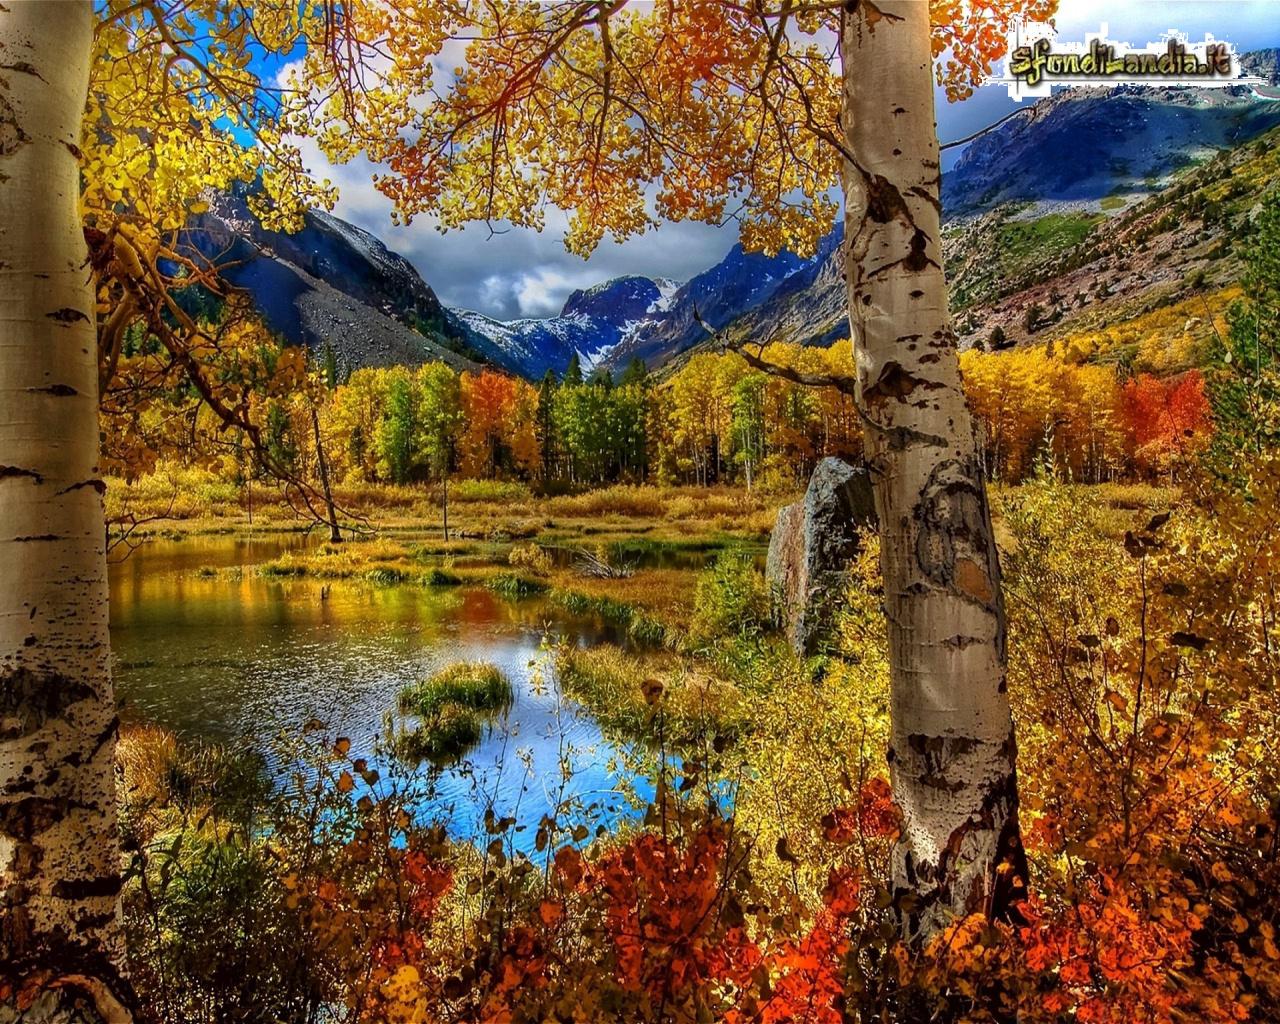 Sfondo gratis di colori autunnali per for Foto per desktop gratis autunno